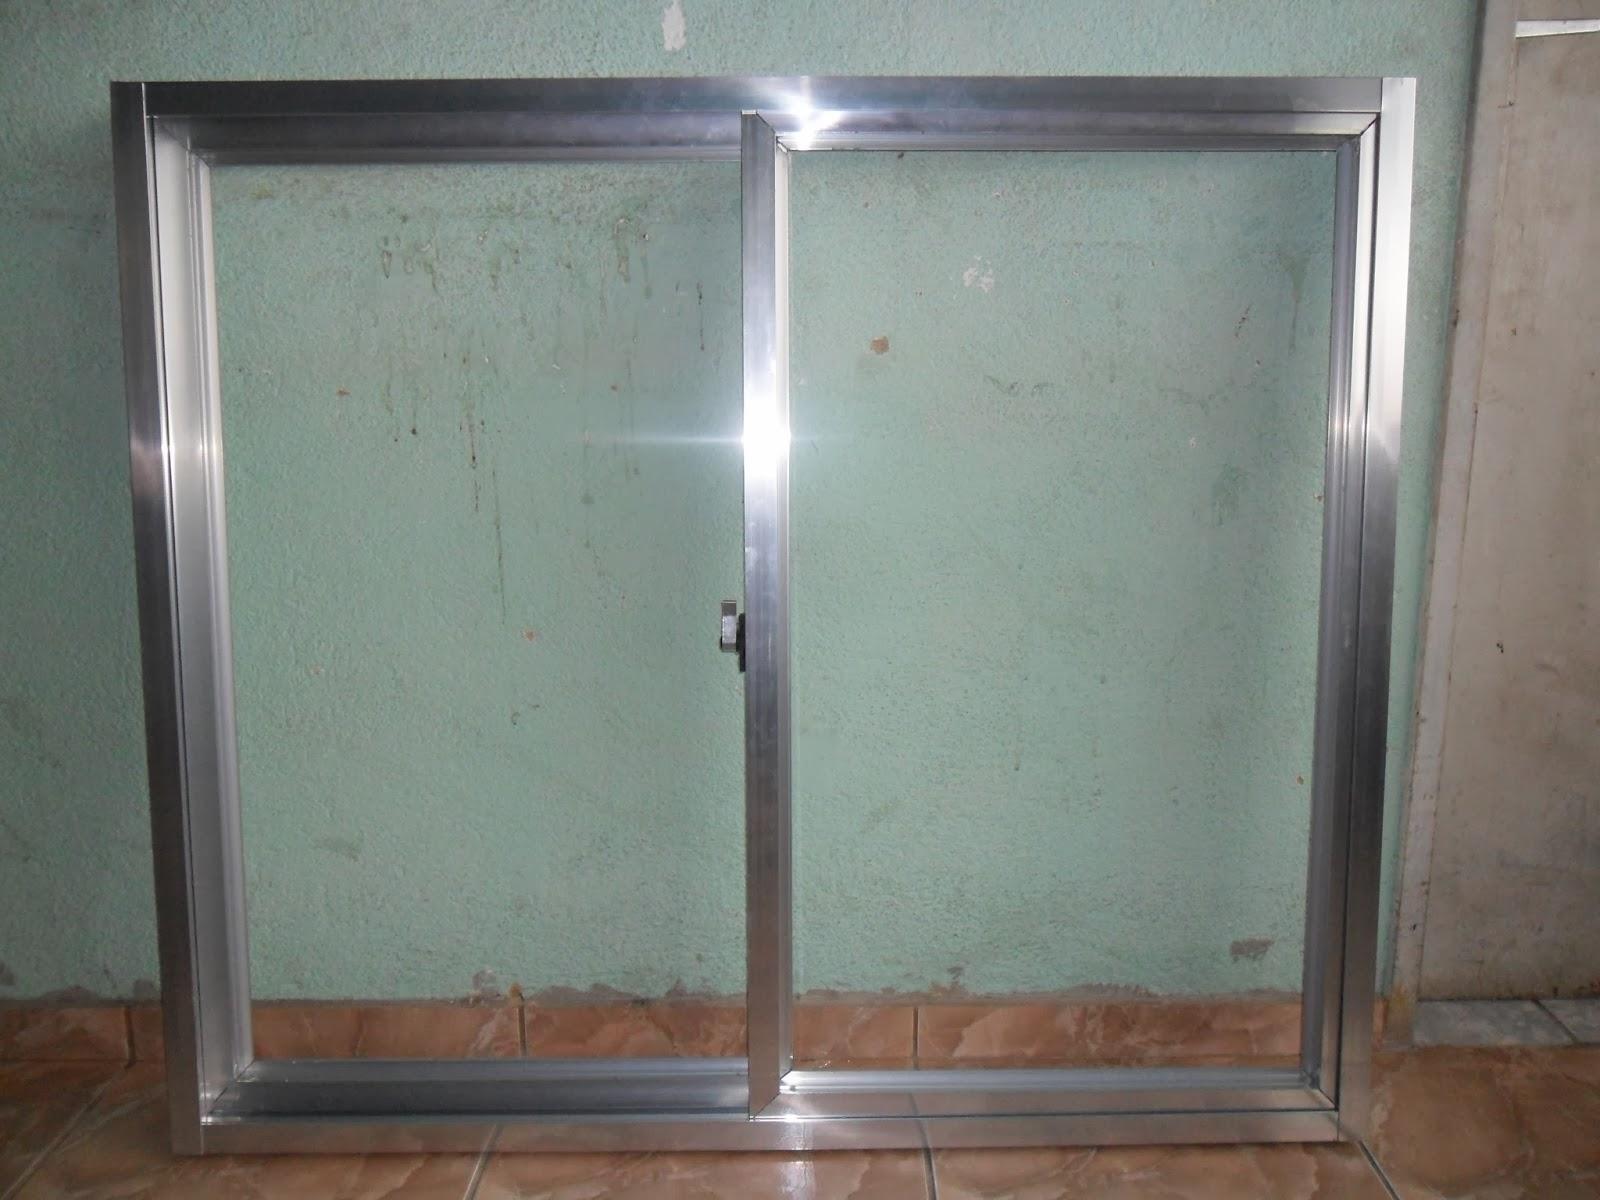 #634B3D DOMINGOS SERRALHEIRO: Janelas de alumínio (serviço realizado) 1642 Janela De Aluminio Lavanderia